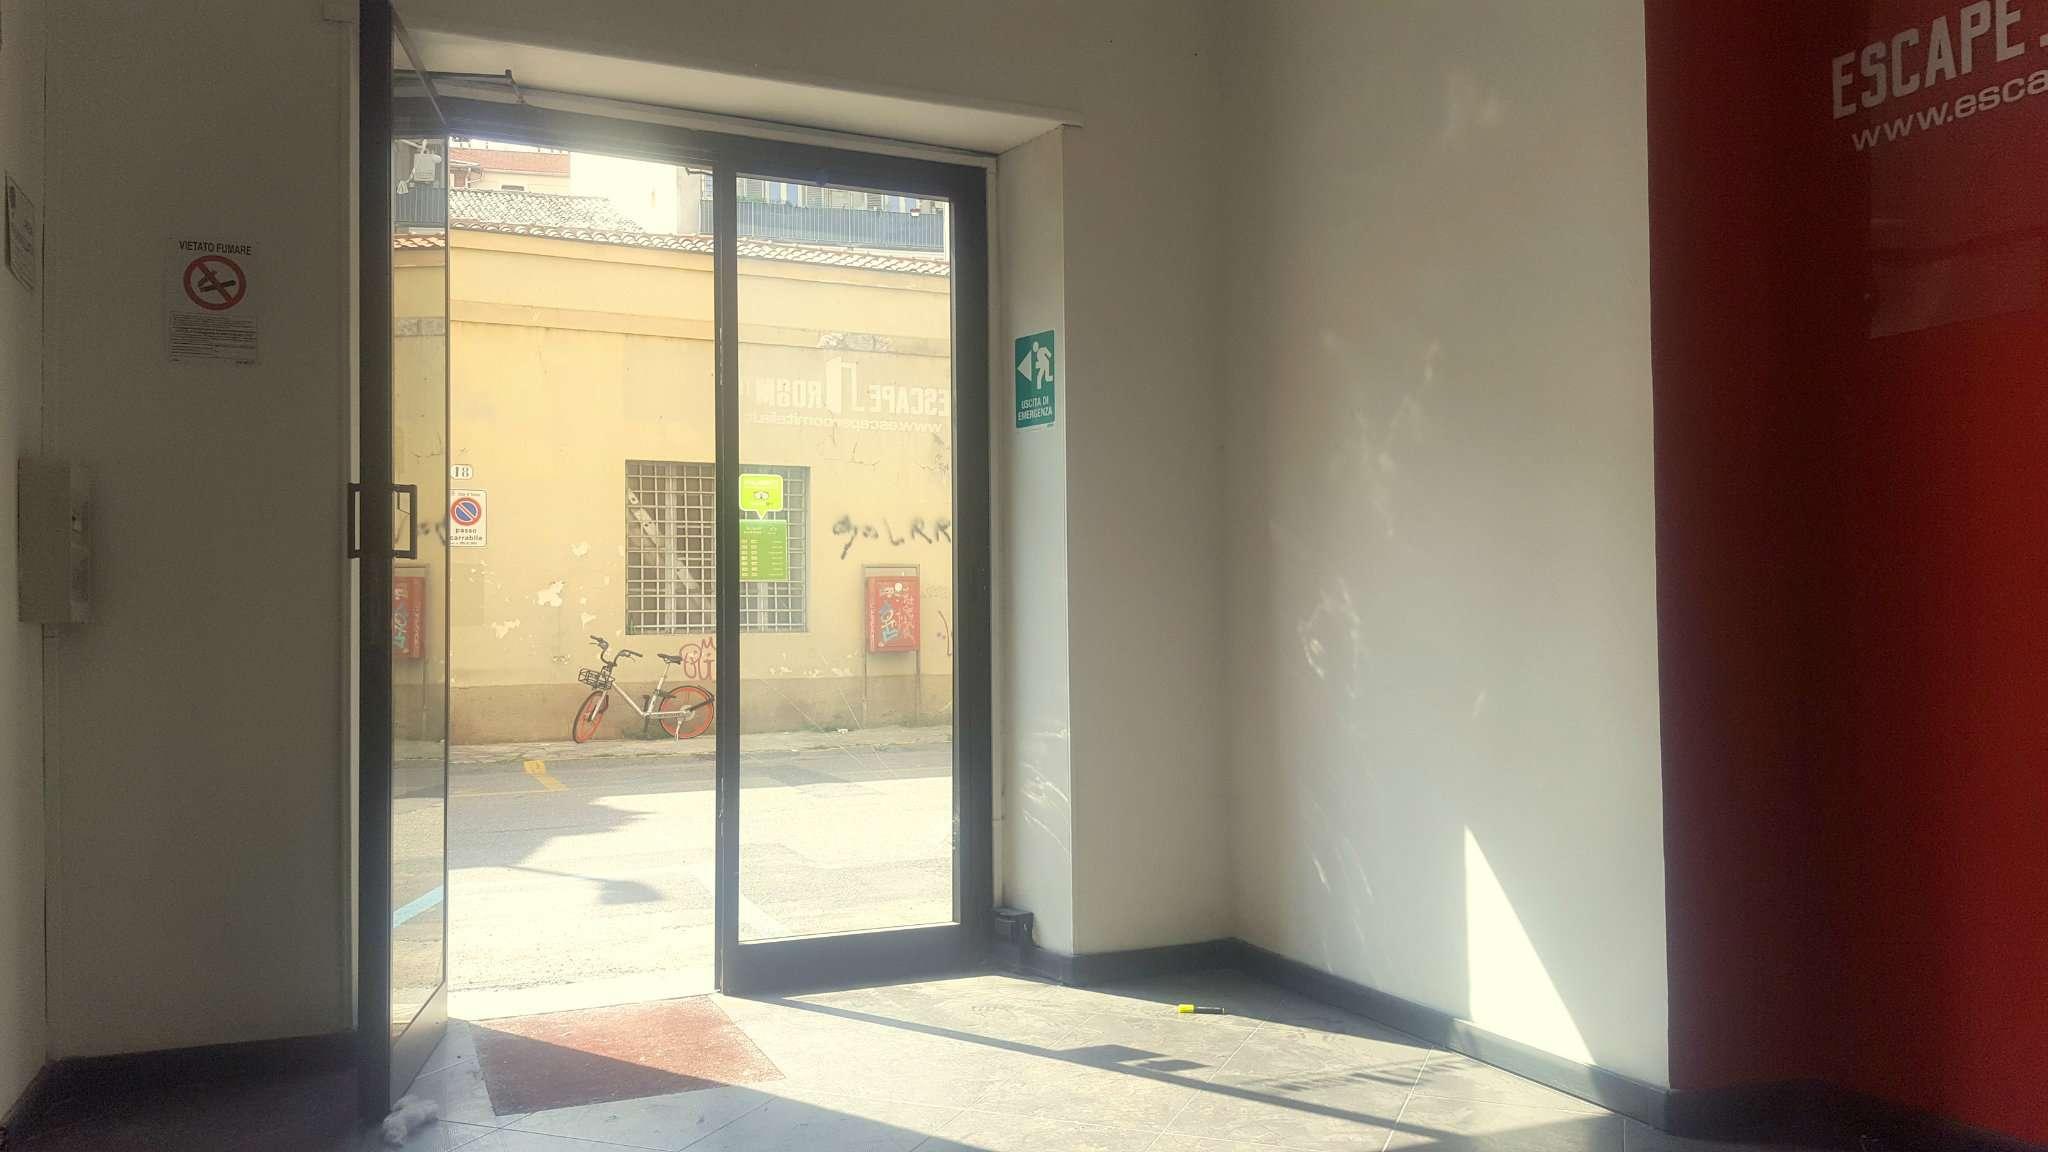 Torino Affitto NEGOZI Immagine 3